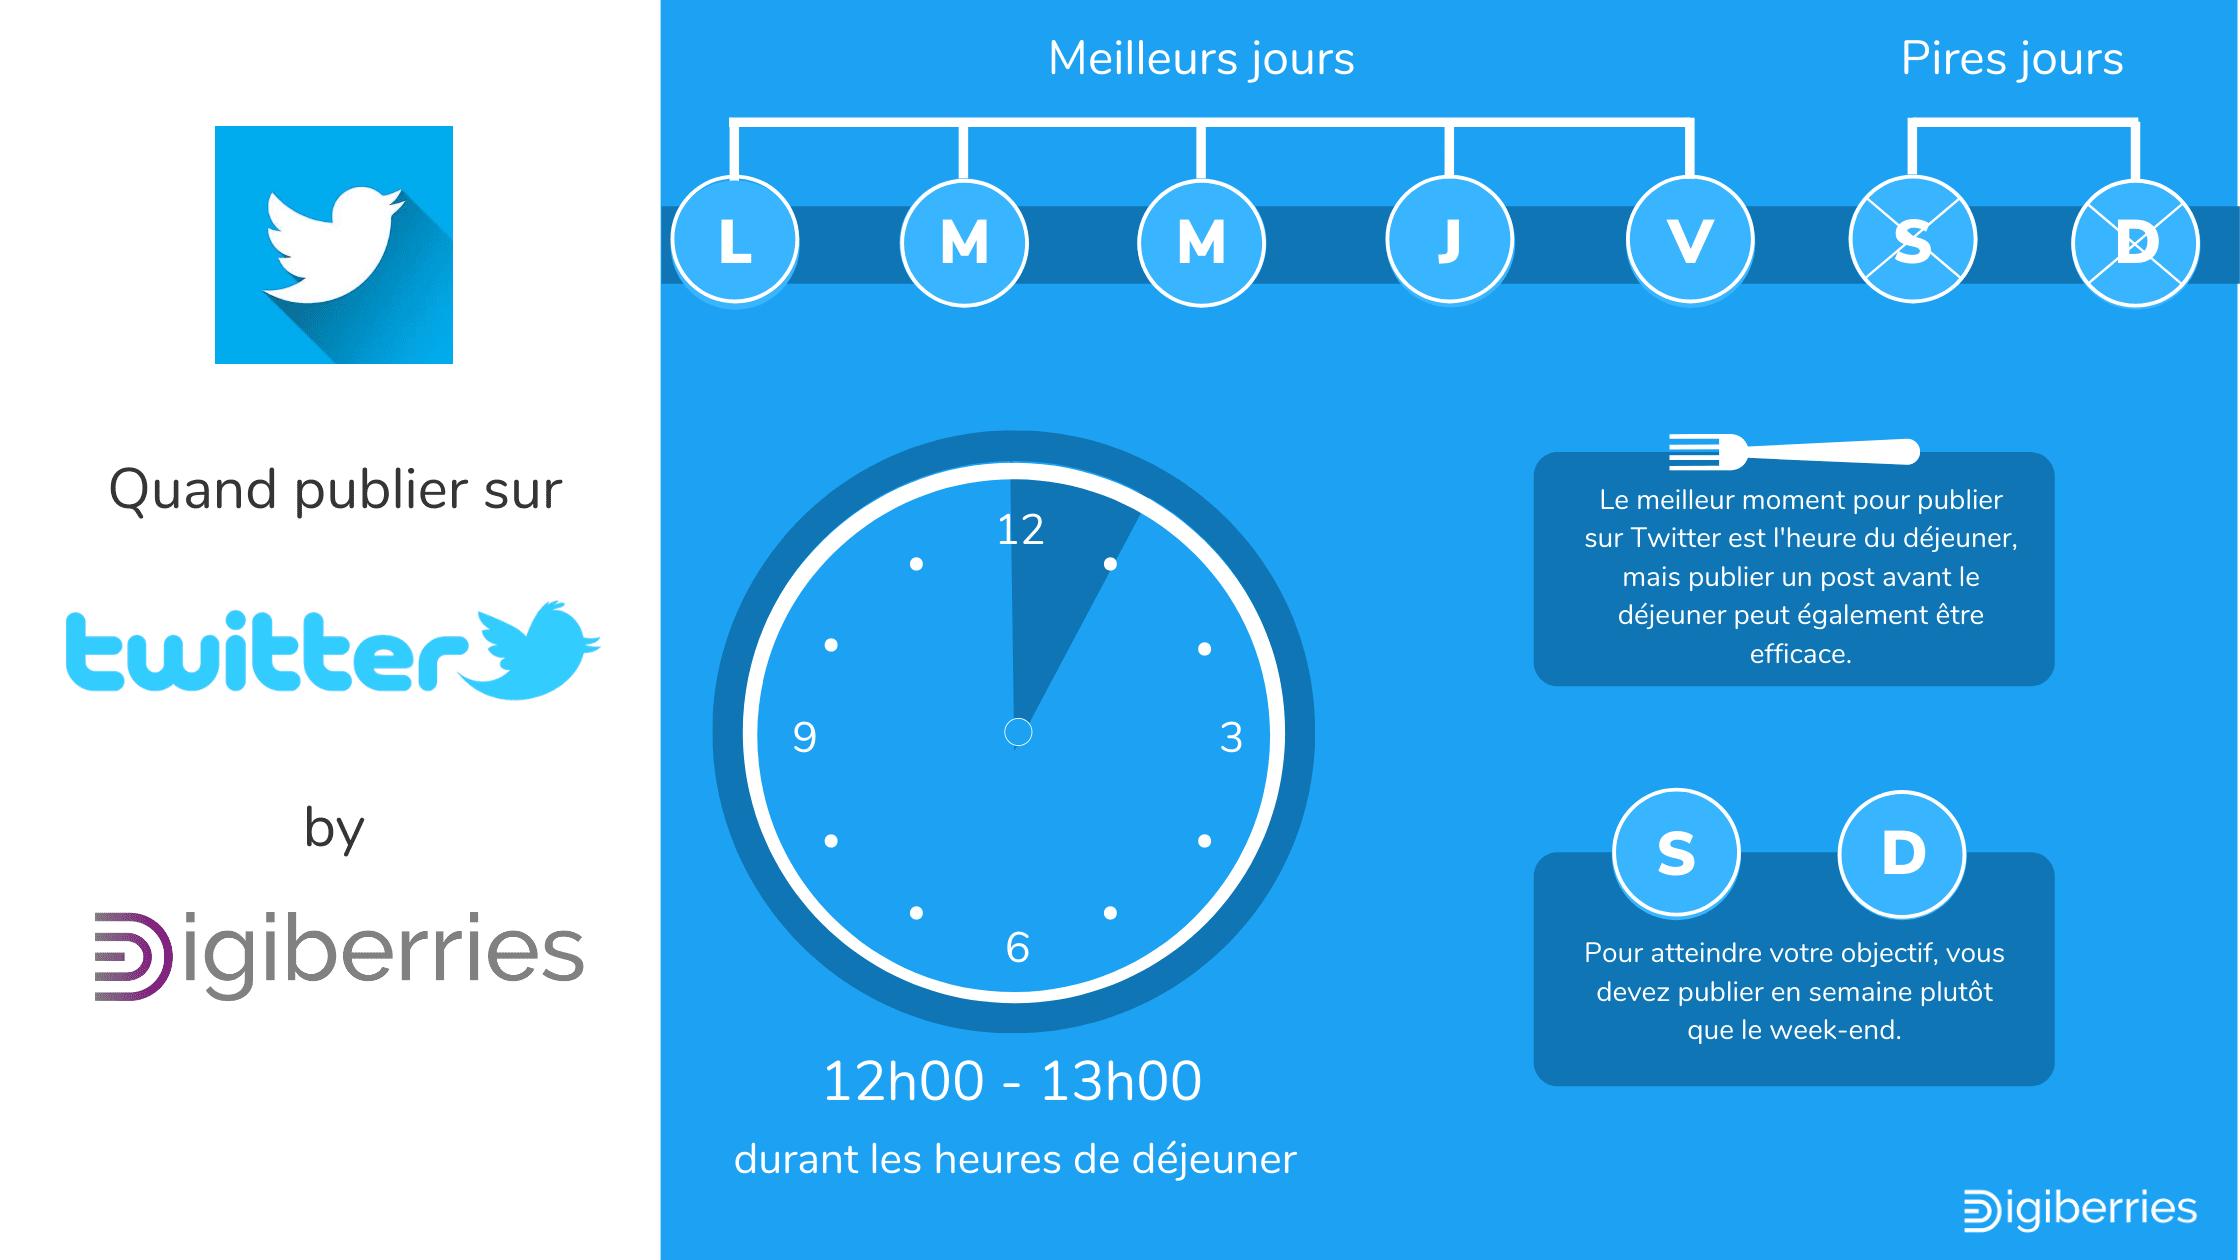 Image pour comprendre les fuseaux horaires pous poster sur Twitter